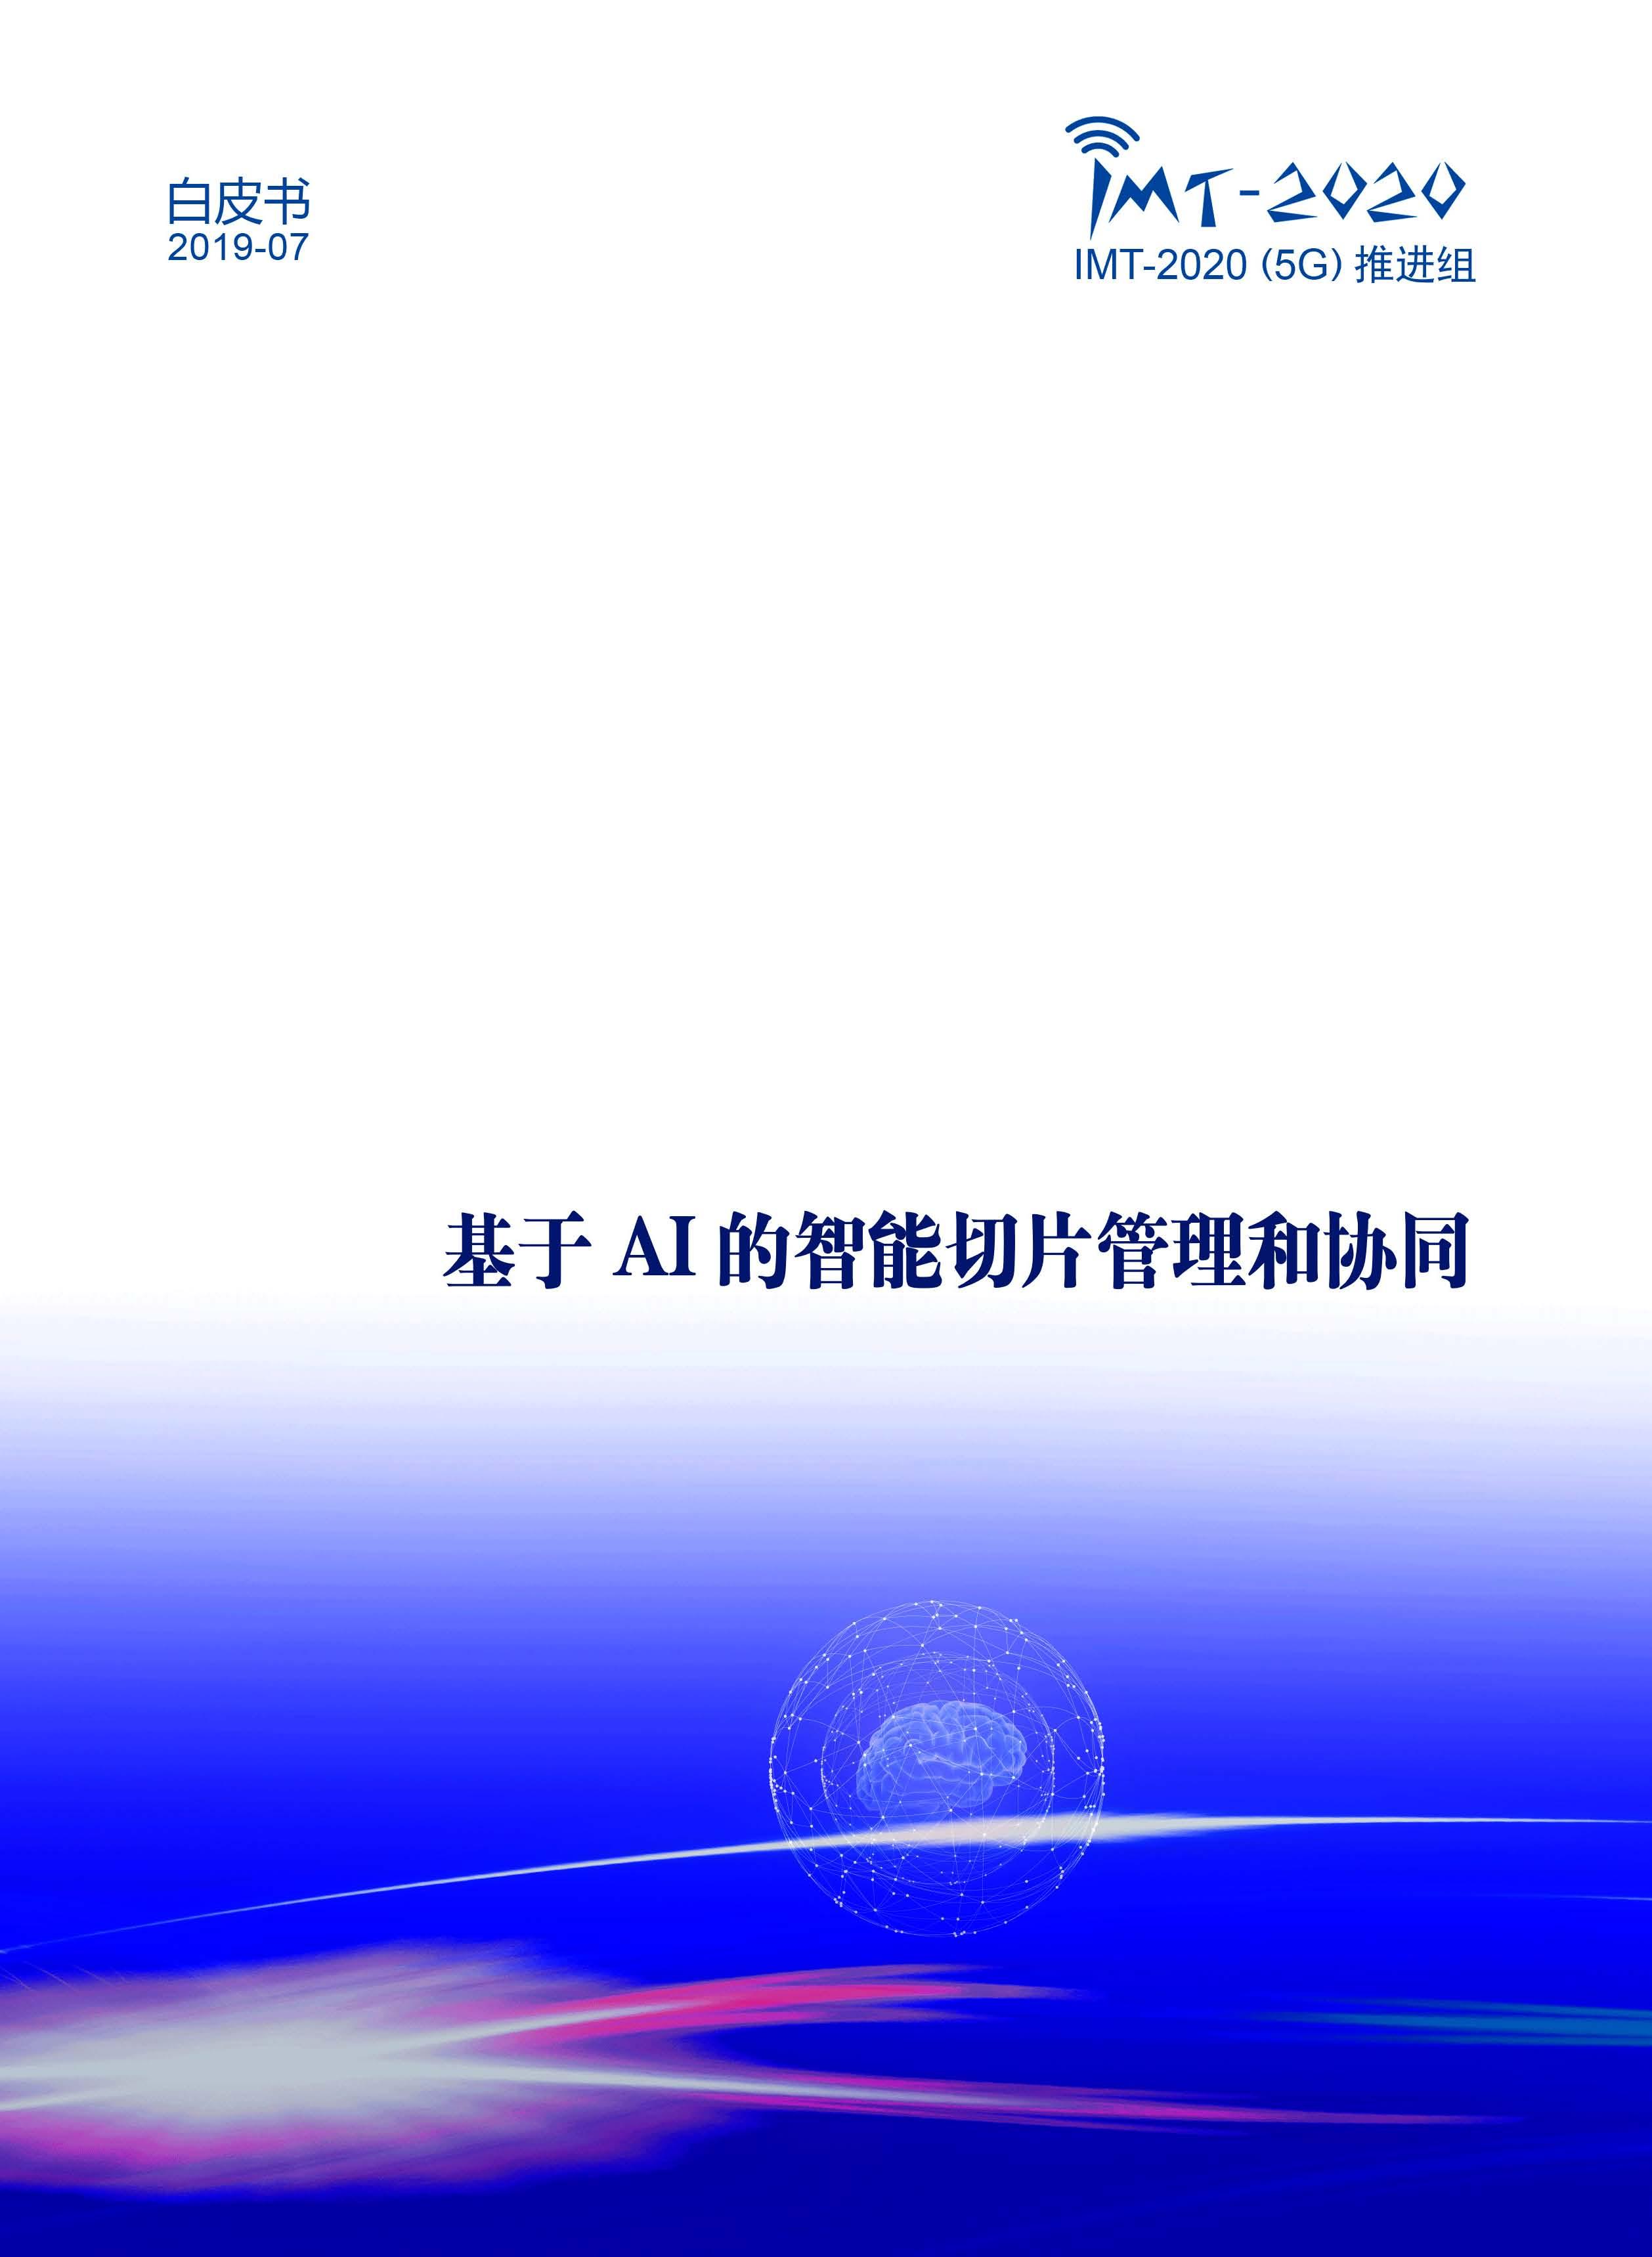 页面提取自- 智能切片白皮书.jpg